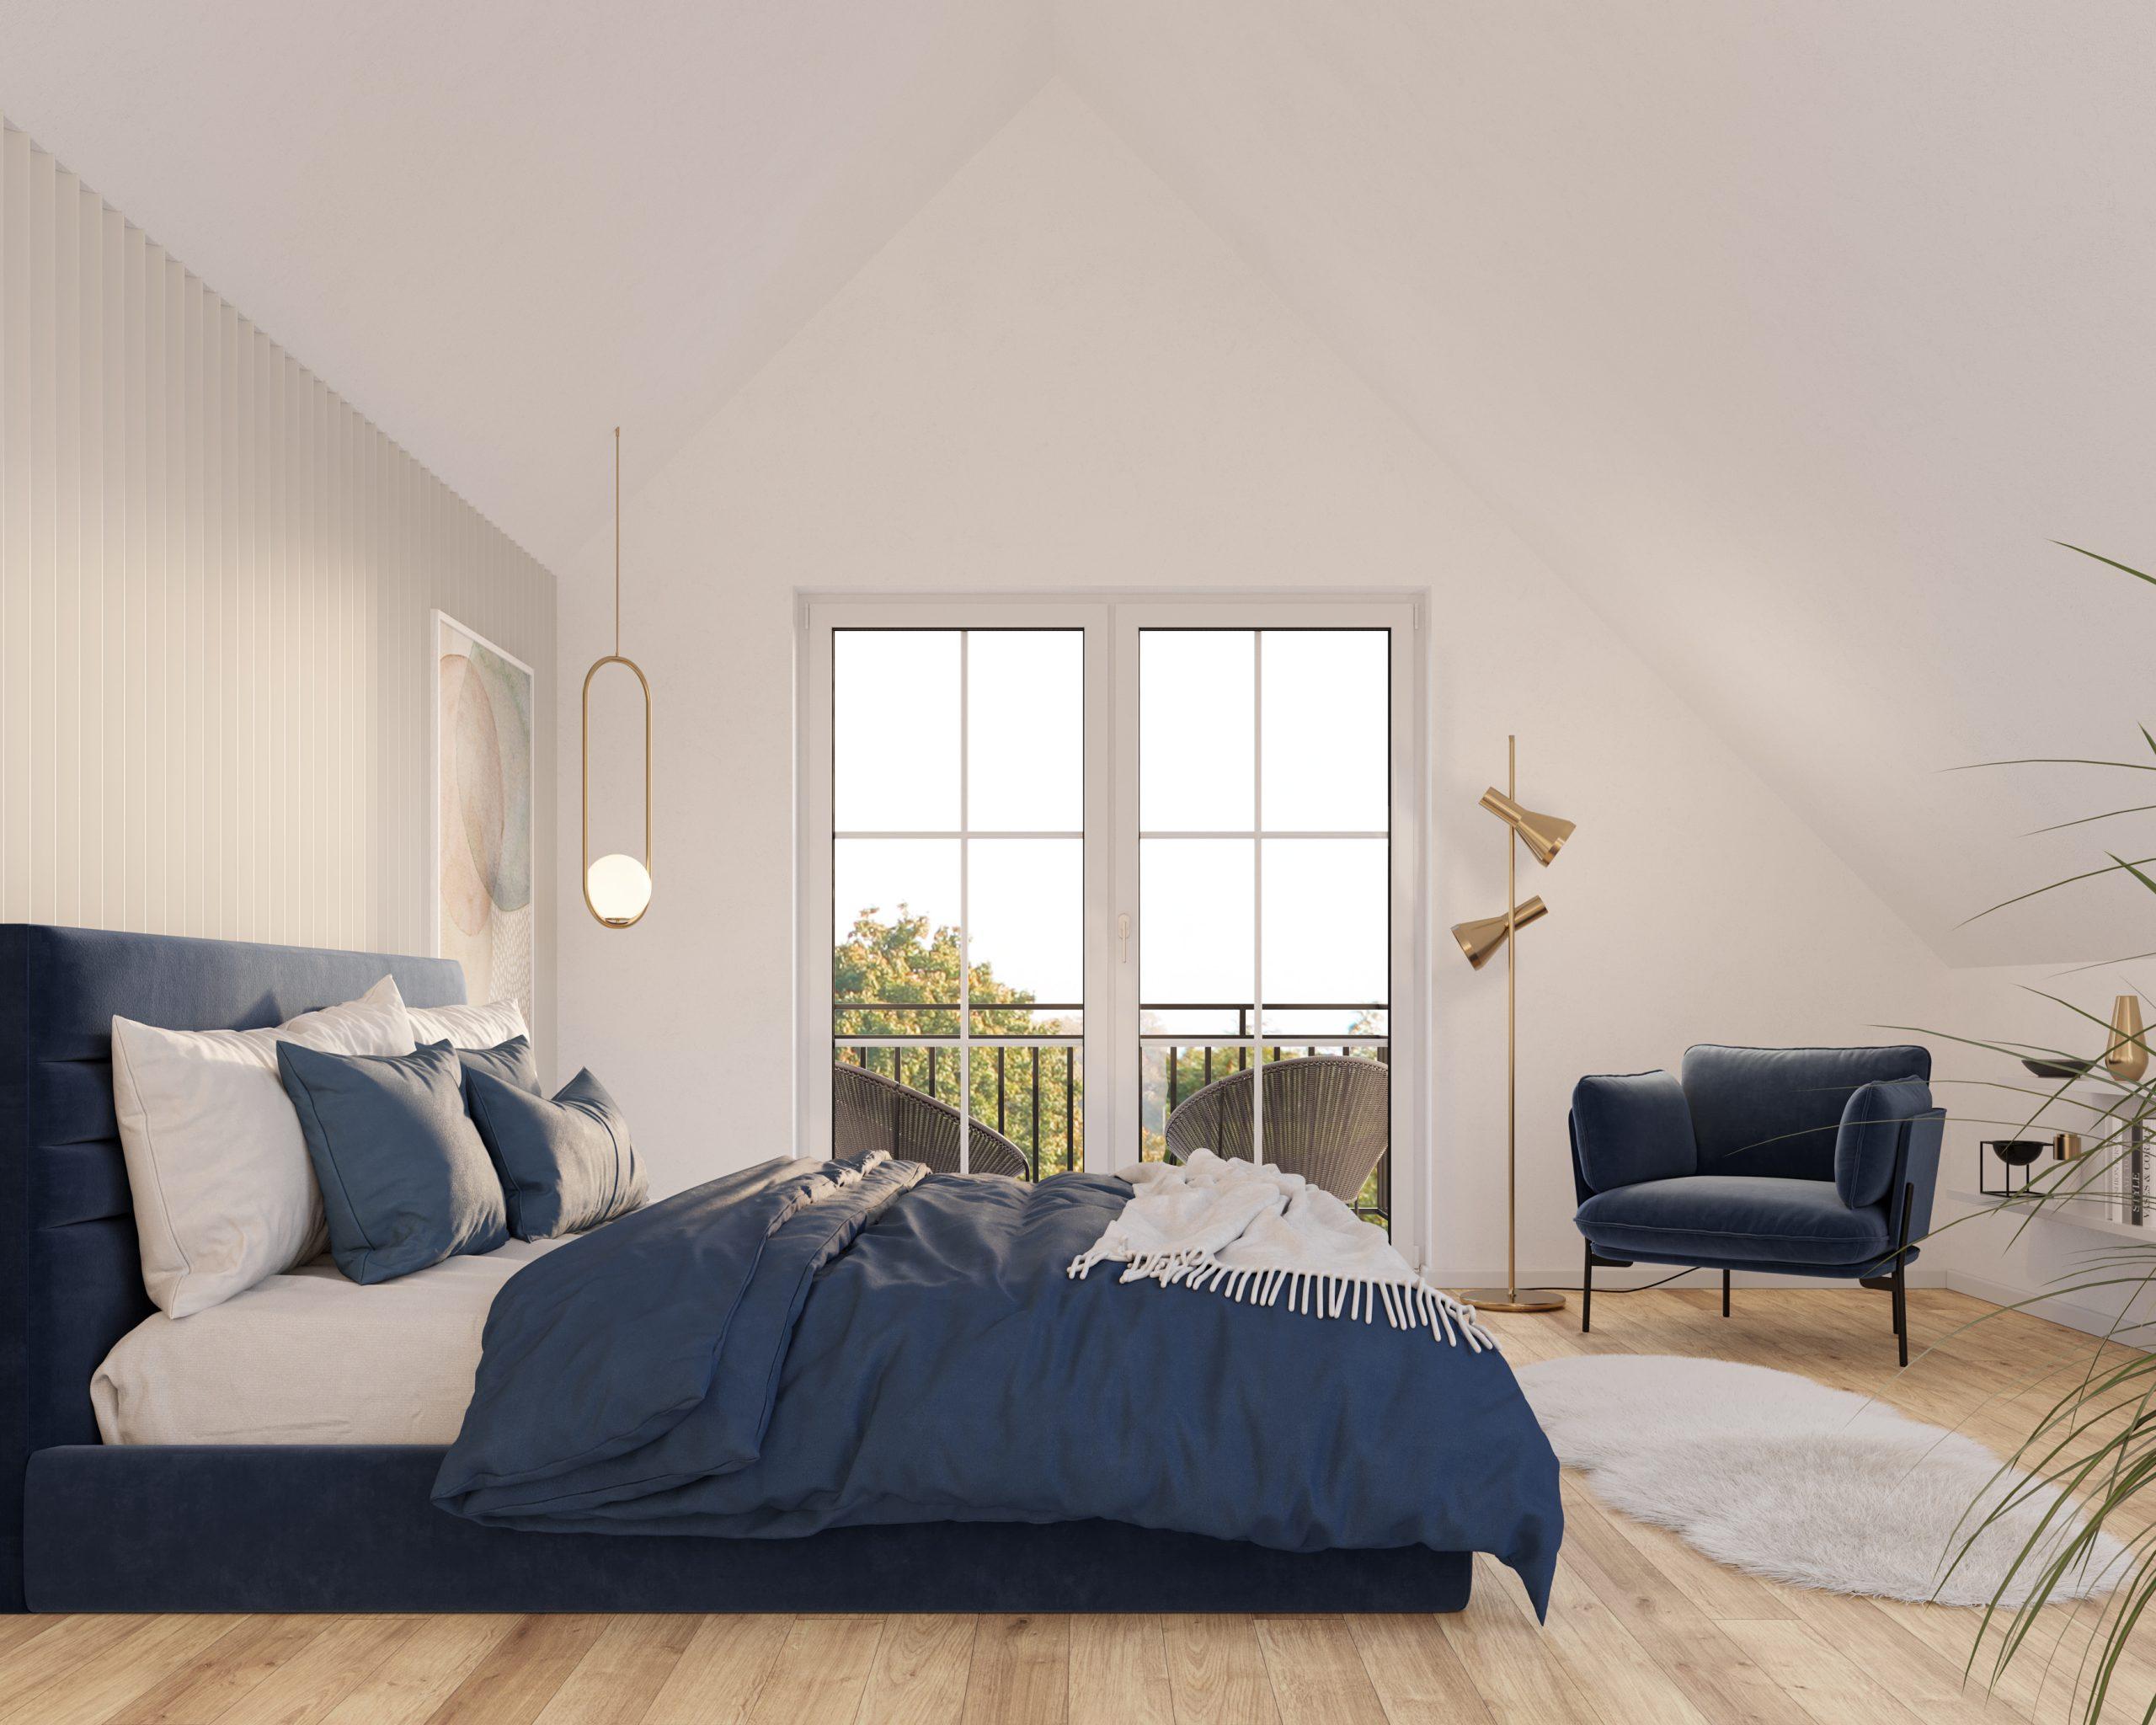 L HOMES Starnberger See Berg Doppelhaushälfte Neubau Sonnenweg 11 Schlafzimmer